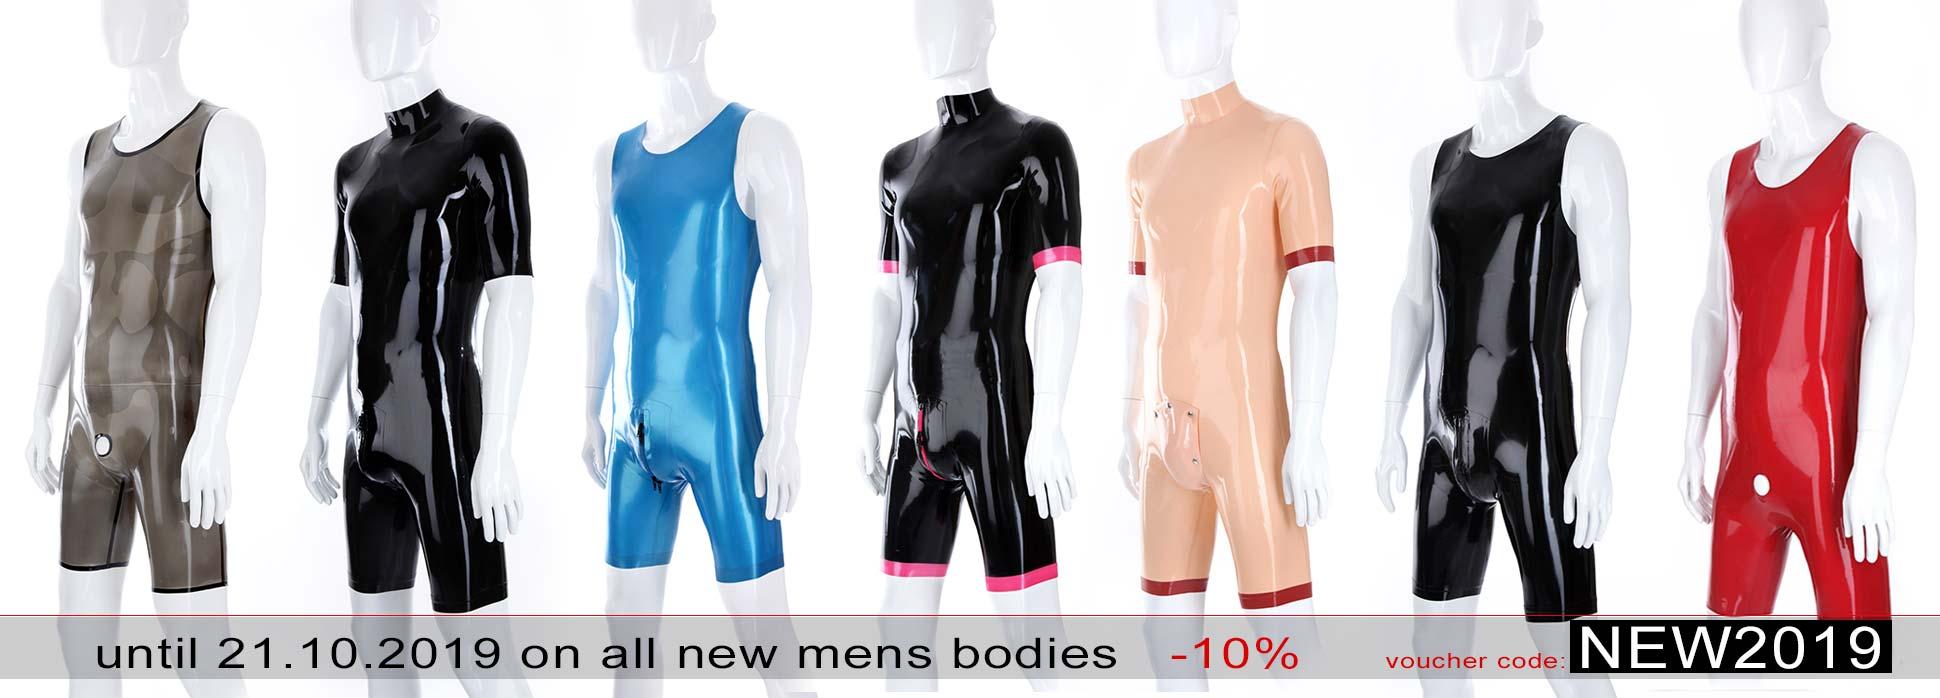 Latex Surfs Suits for men in varoius colours